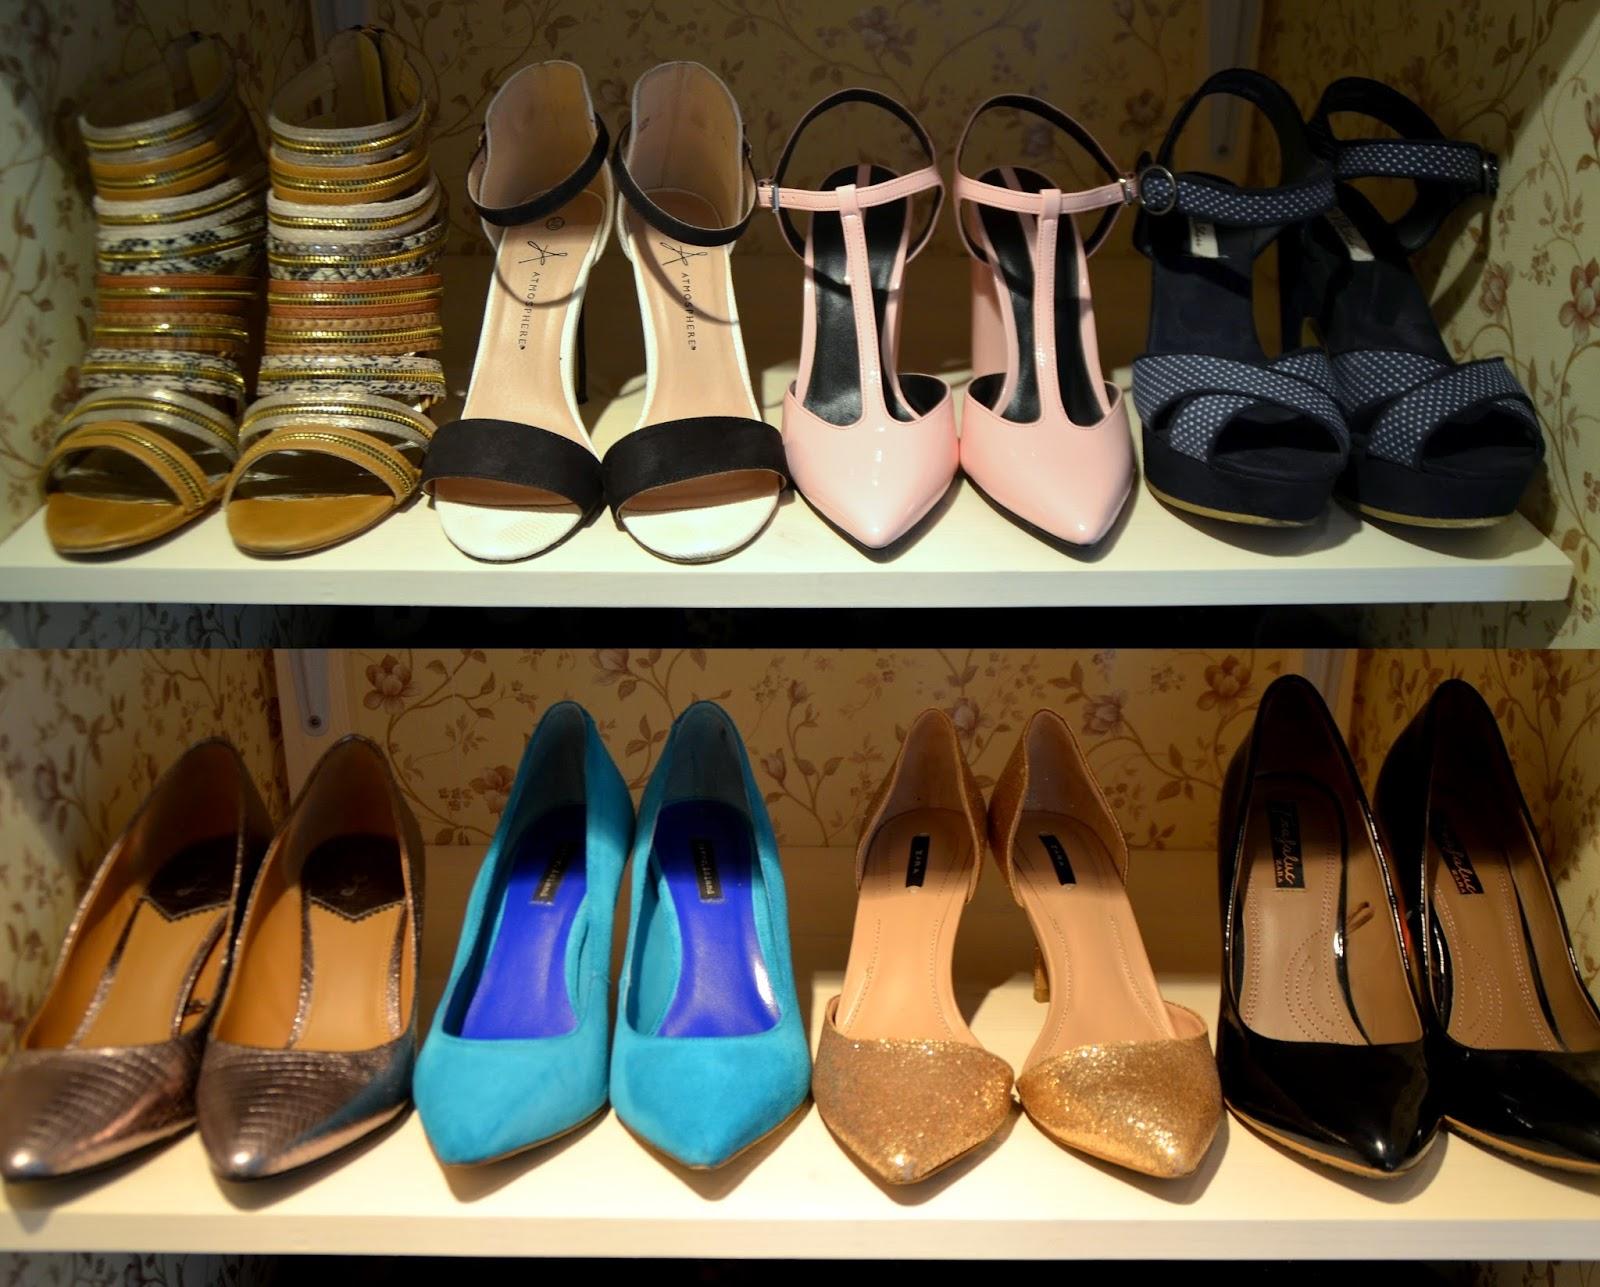 heels ankle strap sandals pumps court shoes closet